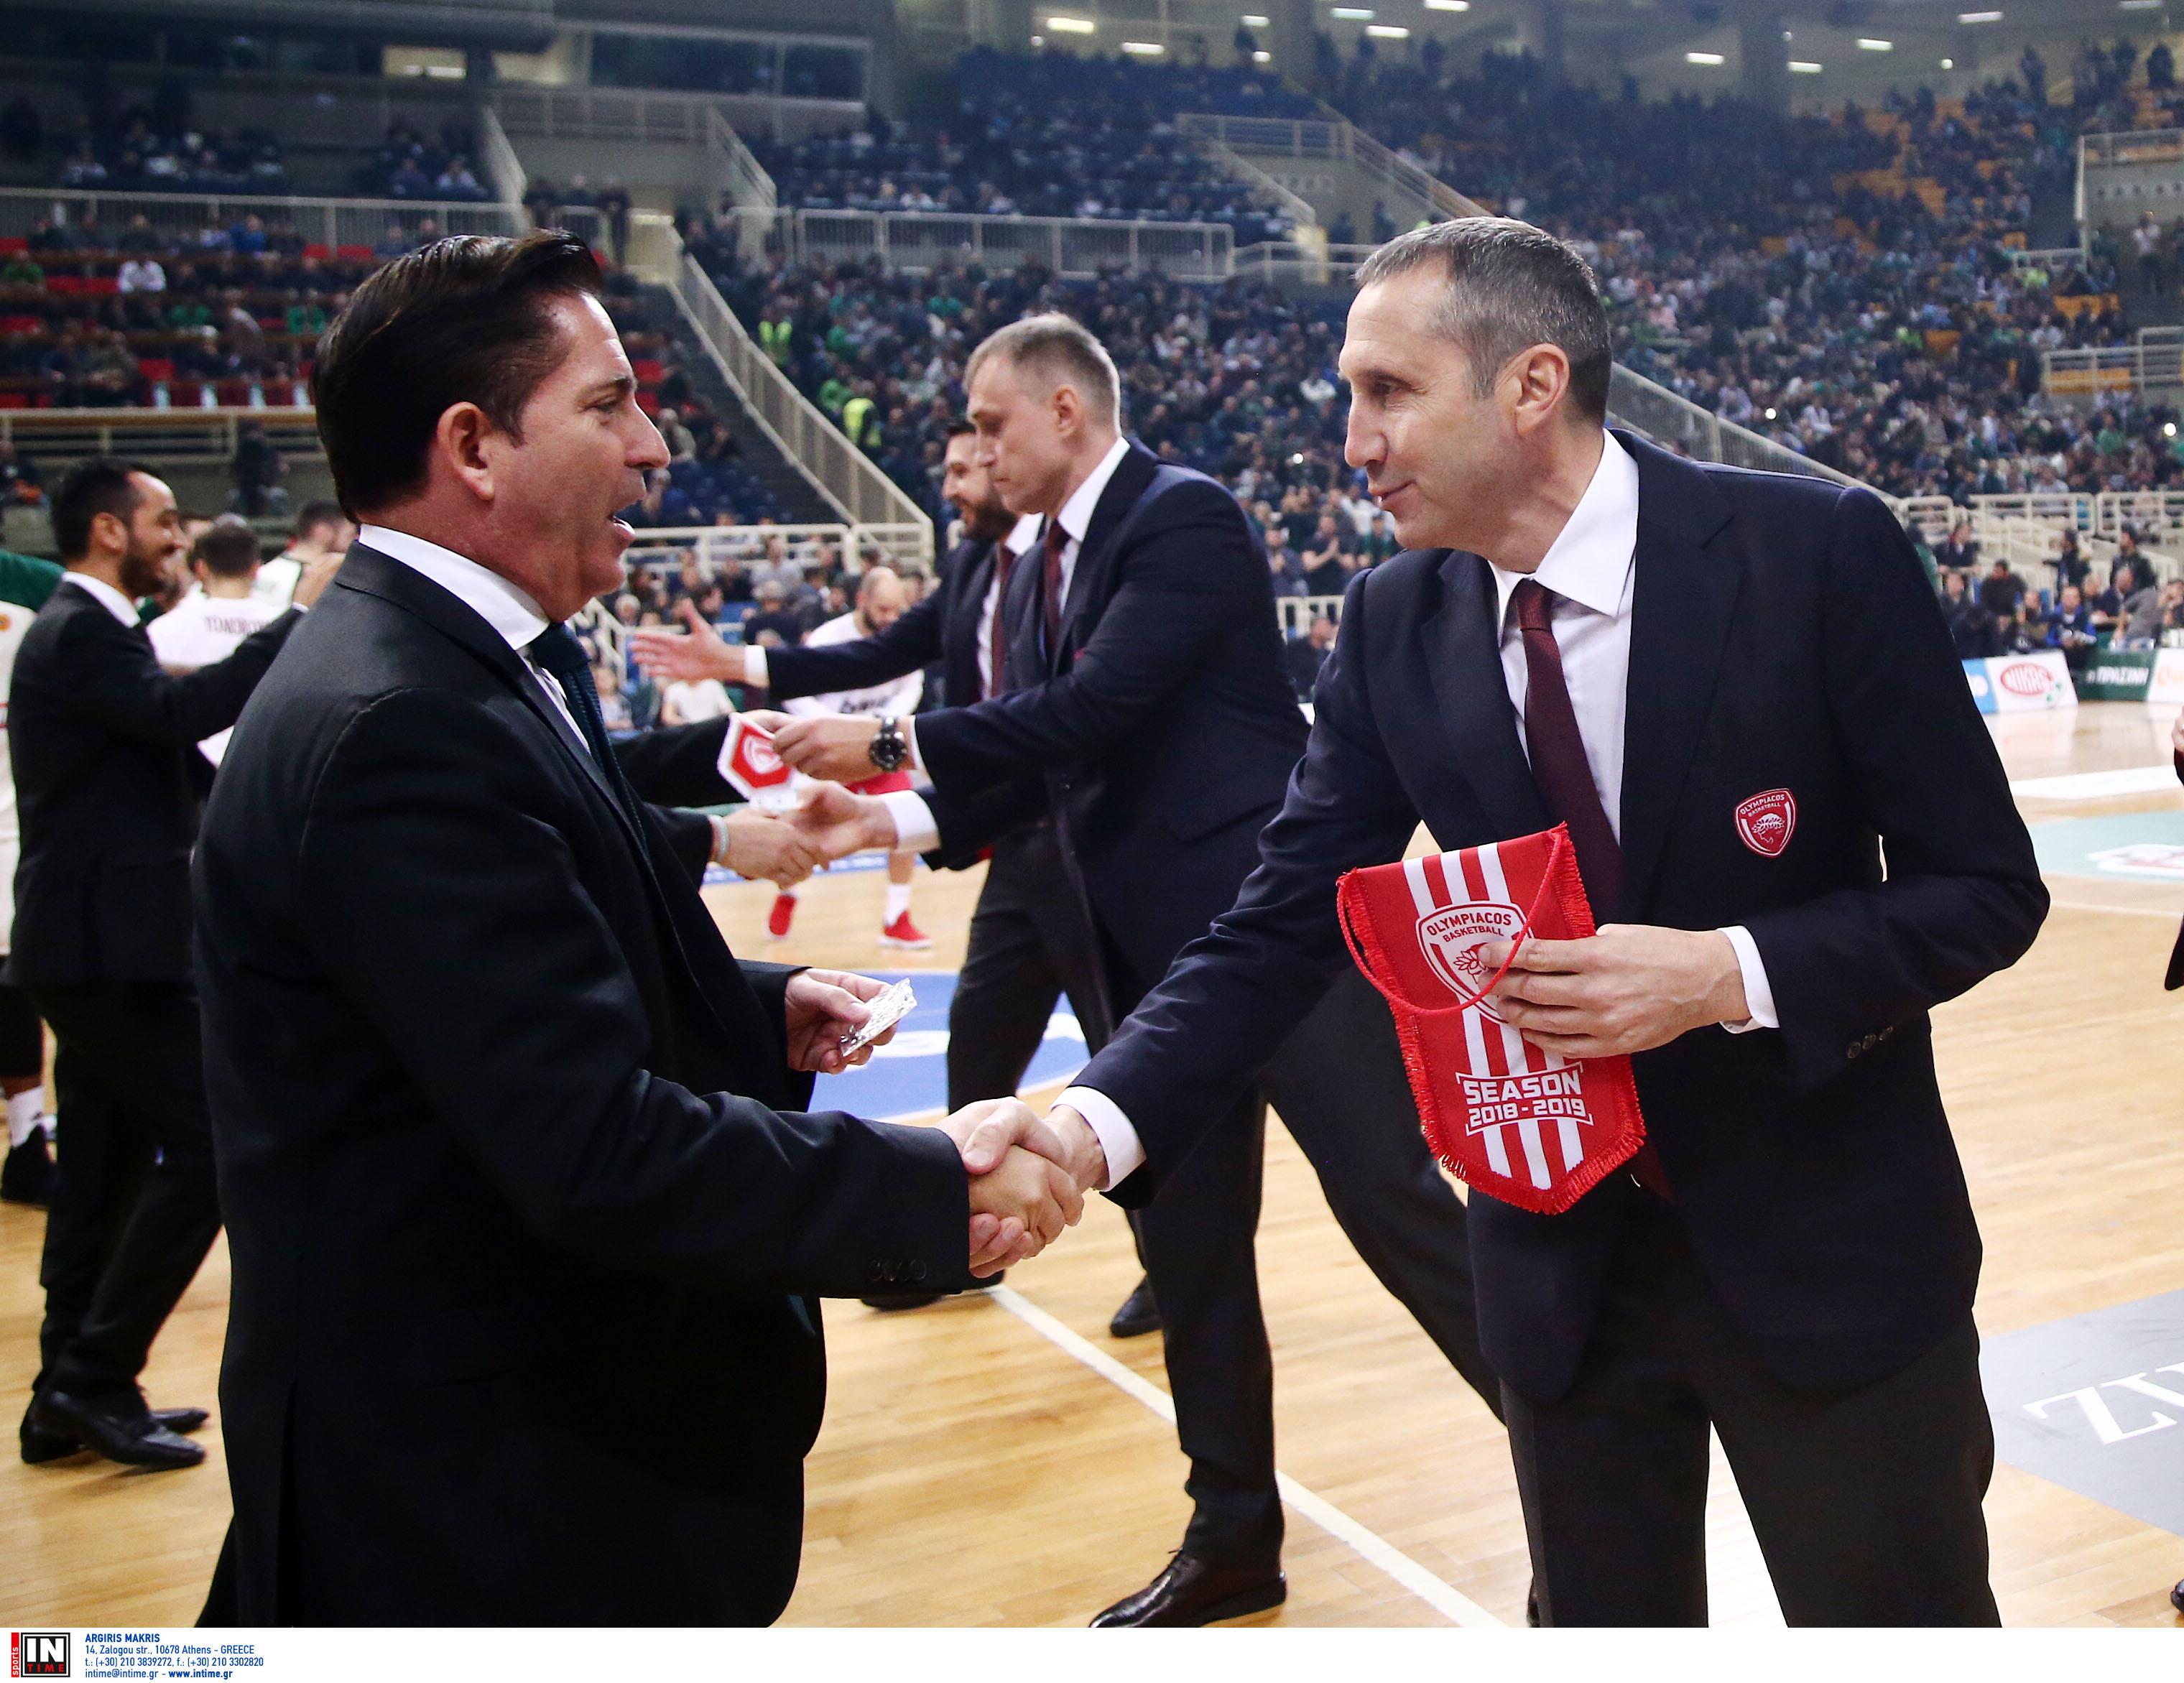 """Ολυμπιακός: """"Βόμβα""""! """"Ερυθρόλευκο ενδιαφέρον για πρώην προπονητή του Παναθηναϊκού"""""""